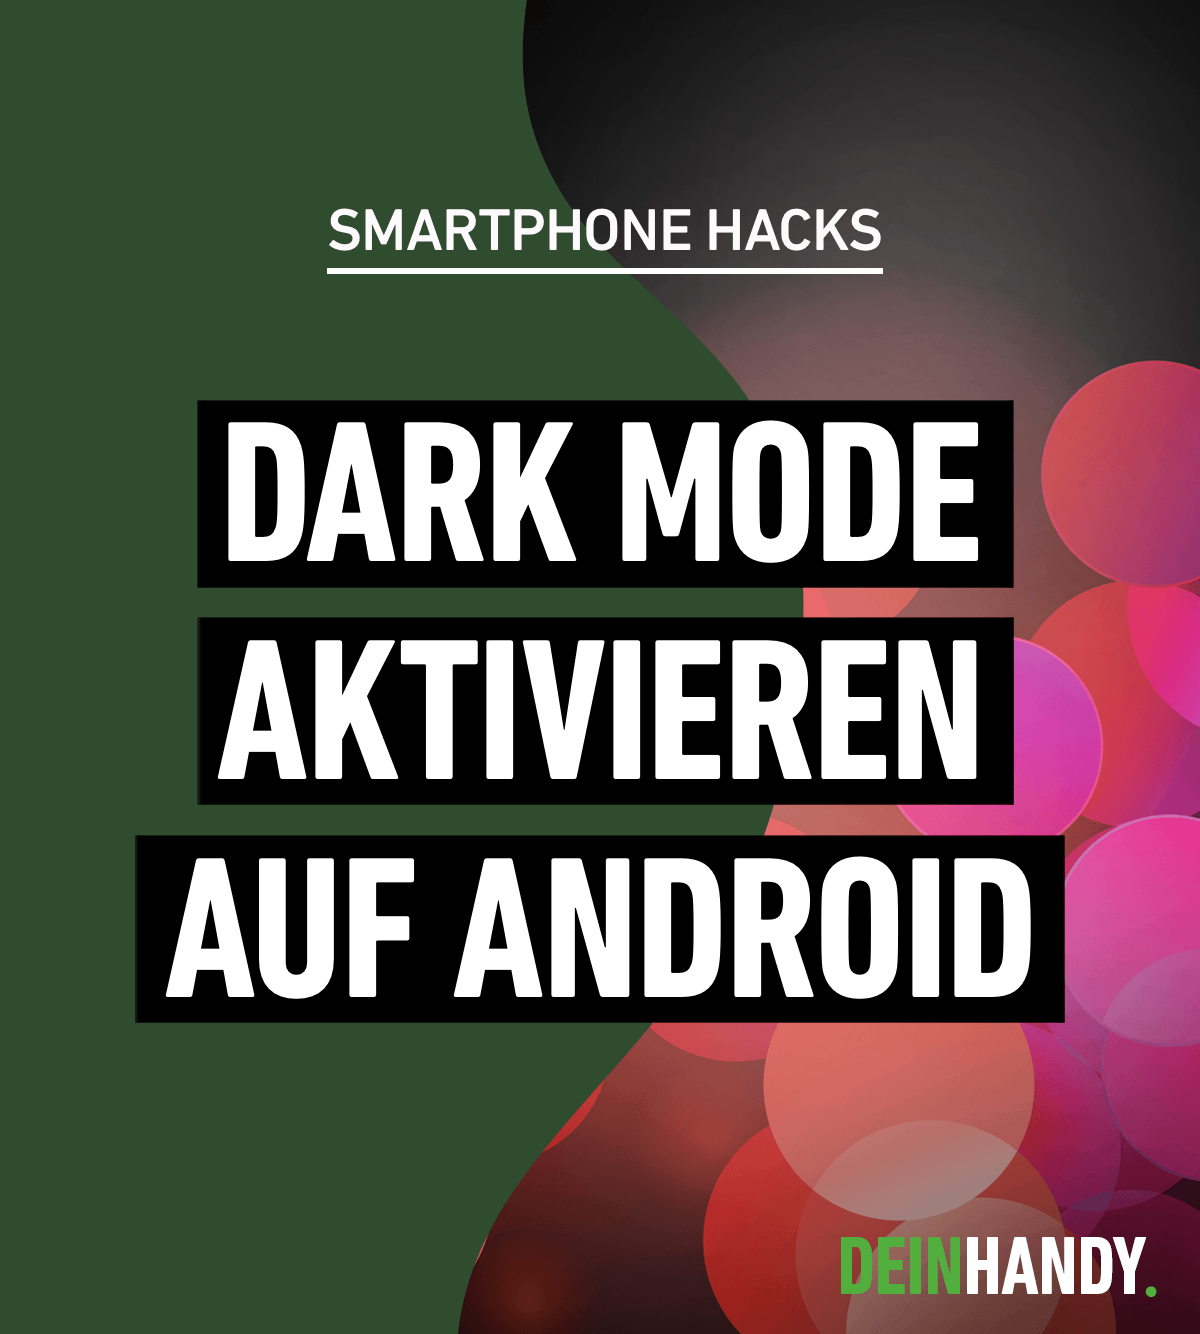 Android Dark Mode Einstellen So Funktioniert S Bei Samsung Und Co Android Smartphone Handys